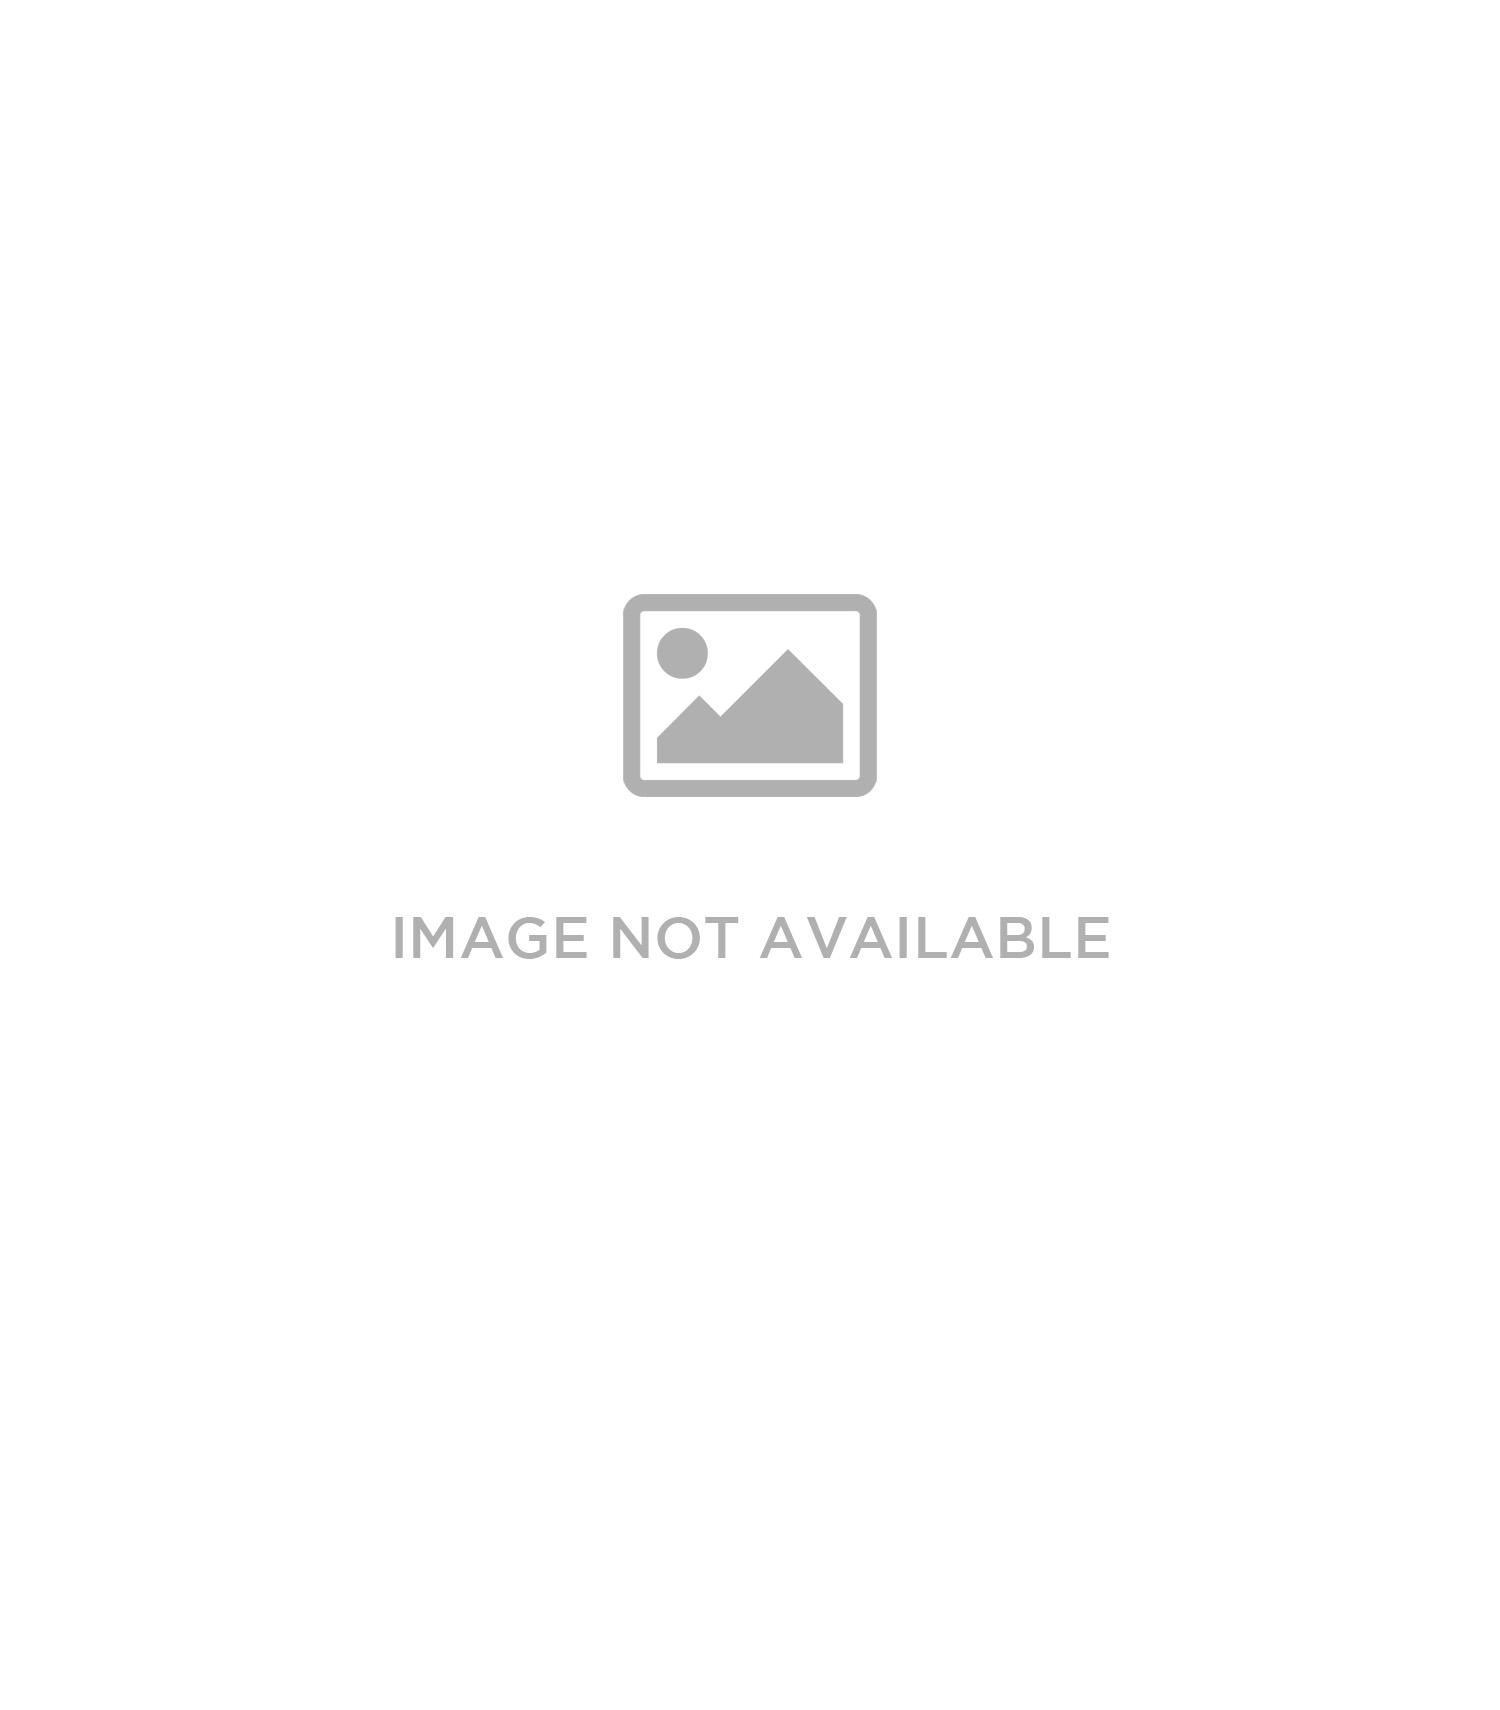 COAL HARBOUR®; SNAG RESISTANT CONTRAST INSET LADIES' SPORT SHIRT. L4002